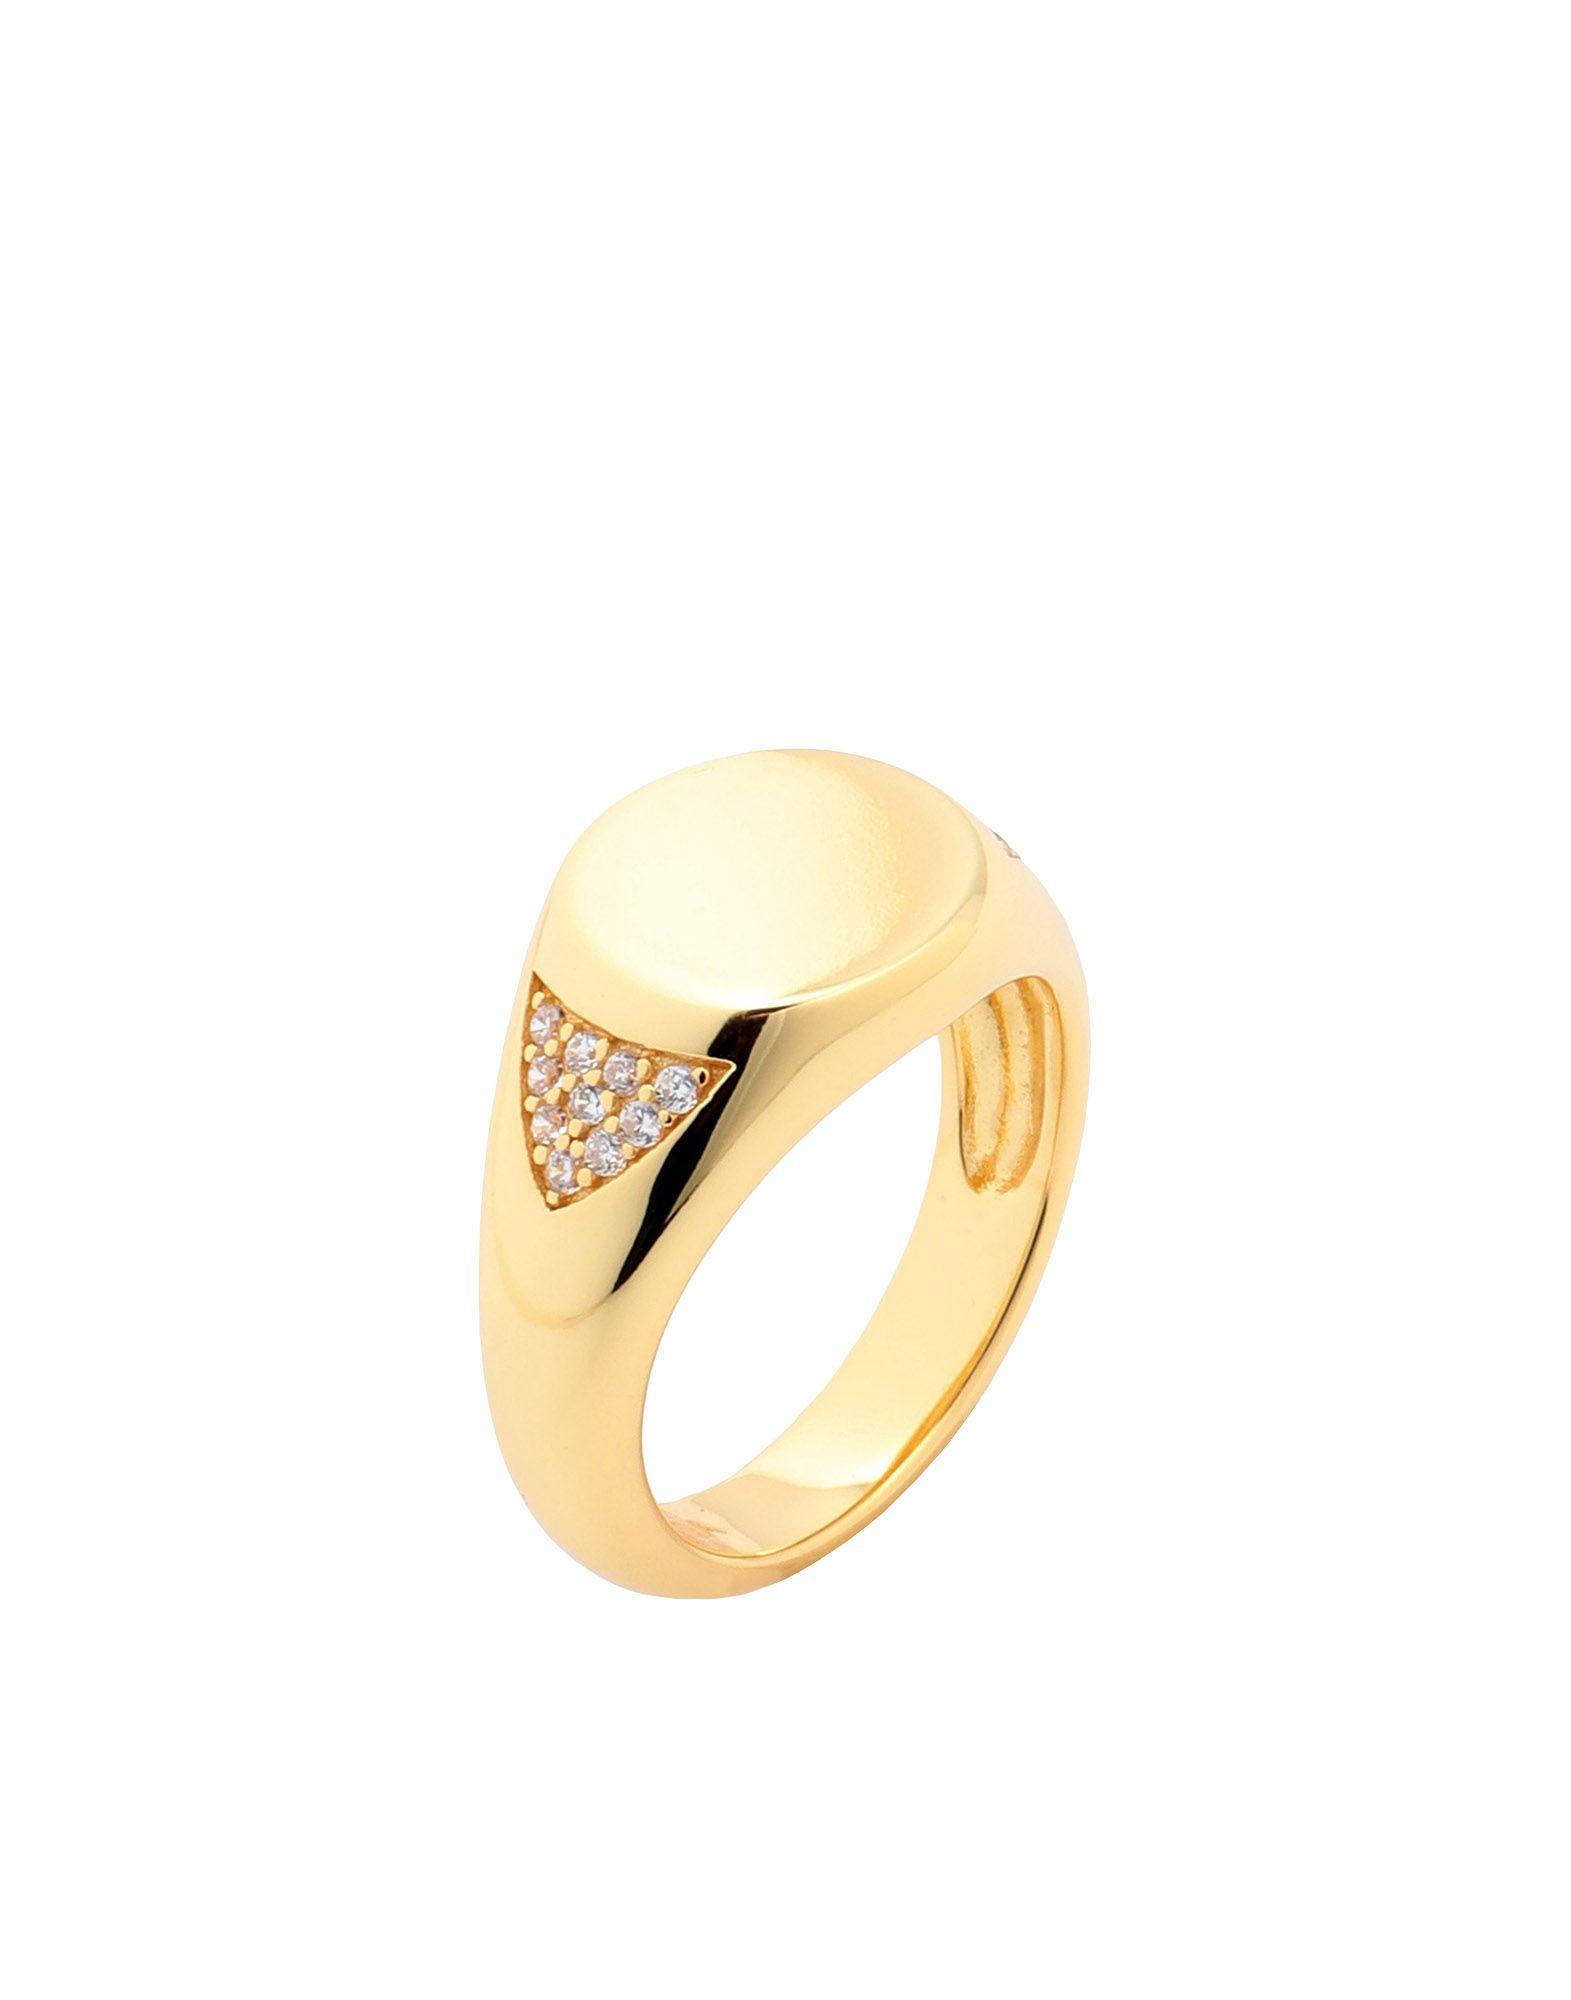 《セール開催中》GALLERIA ARMADORO レディース 指輪 ゴールド 46 シルバー925/1000 SIMPLE SINGLET RING